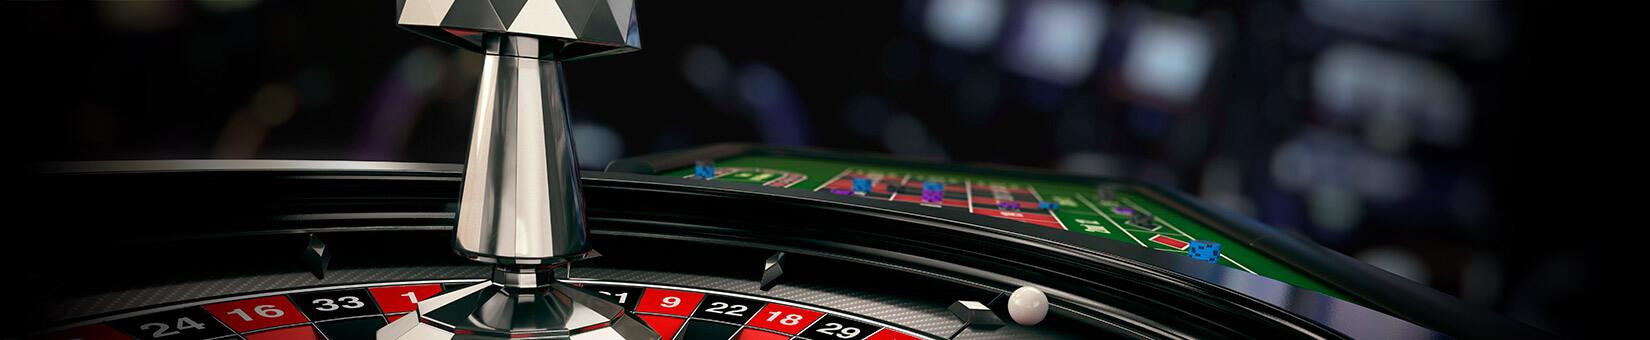 Numeros que suelen salir en la ruleta privacidad casino São Paulo - 96611